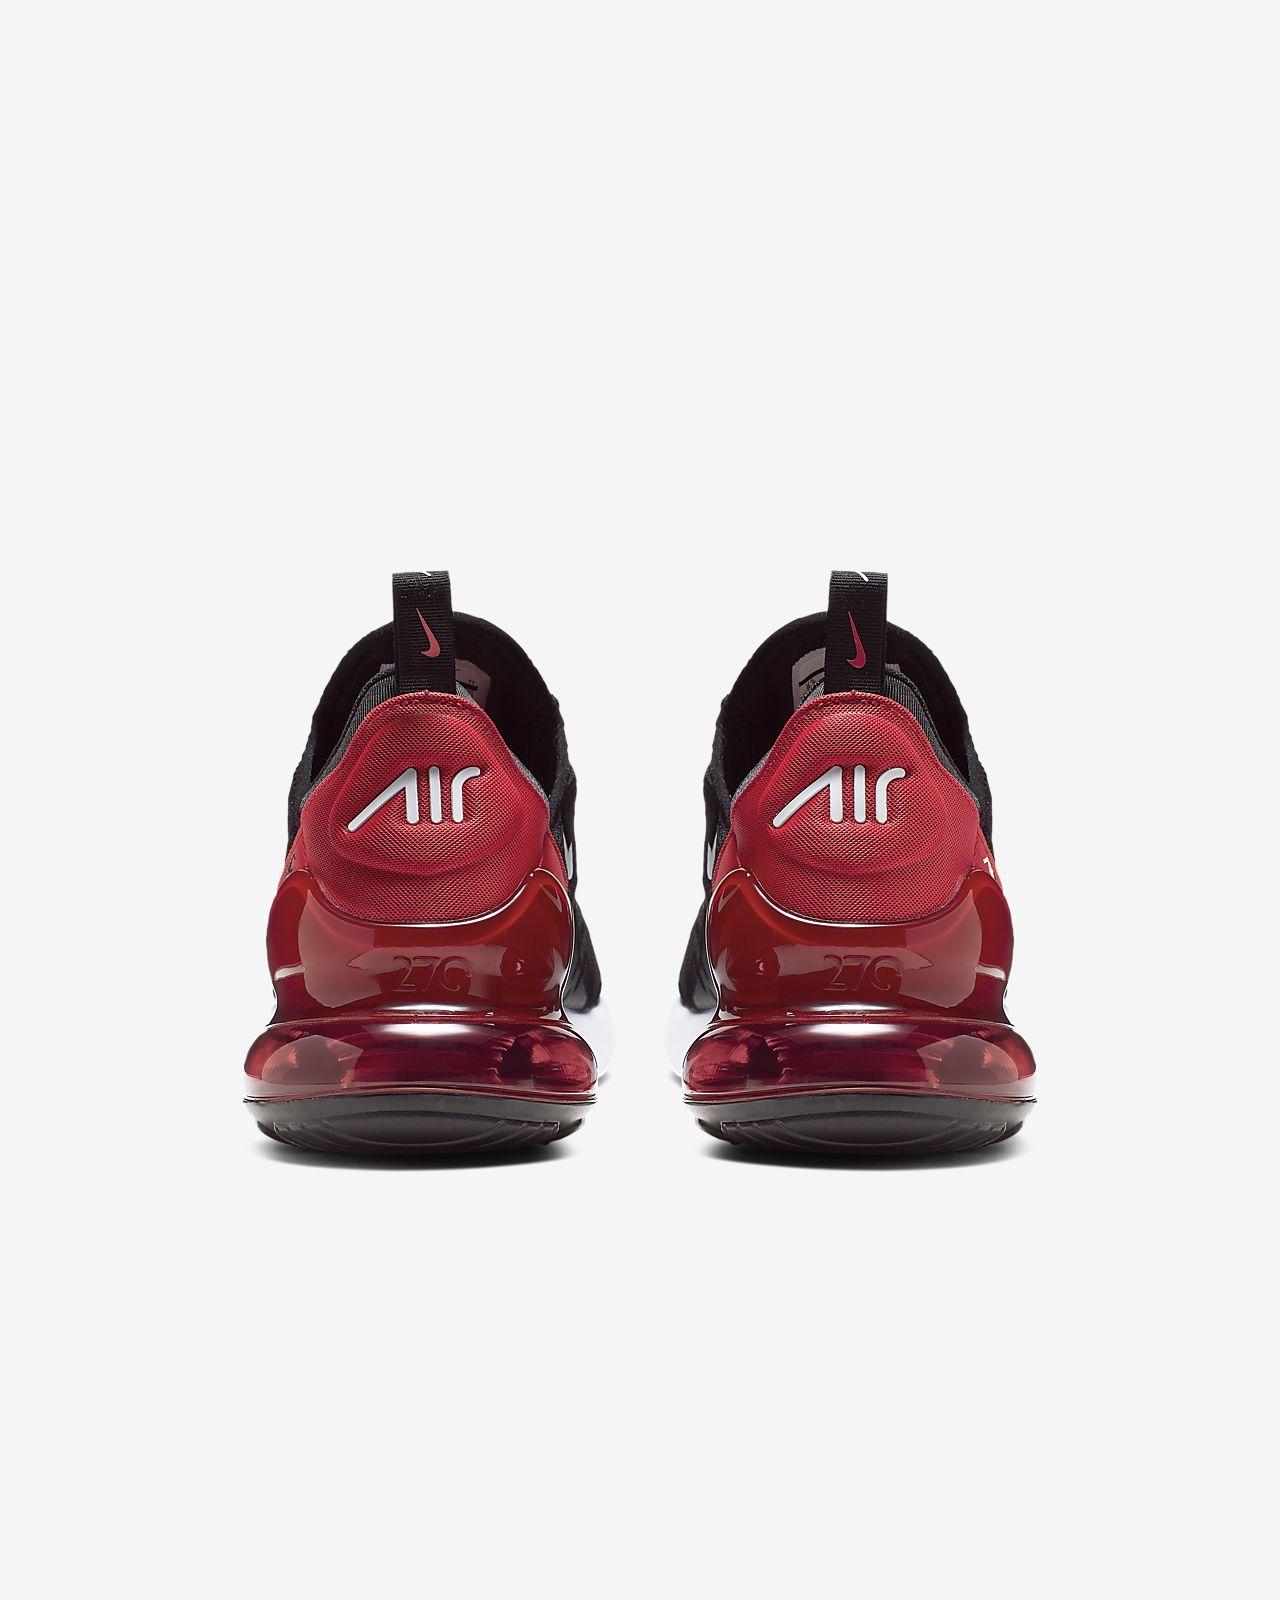 c48fbca8e2 Nike Air Max 270 Zapatillas - Hombre. Nike.com ES